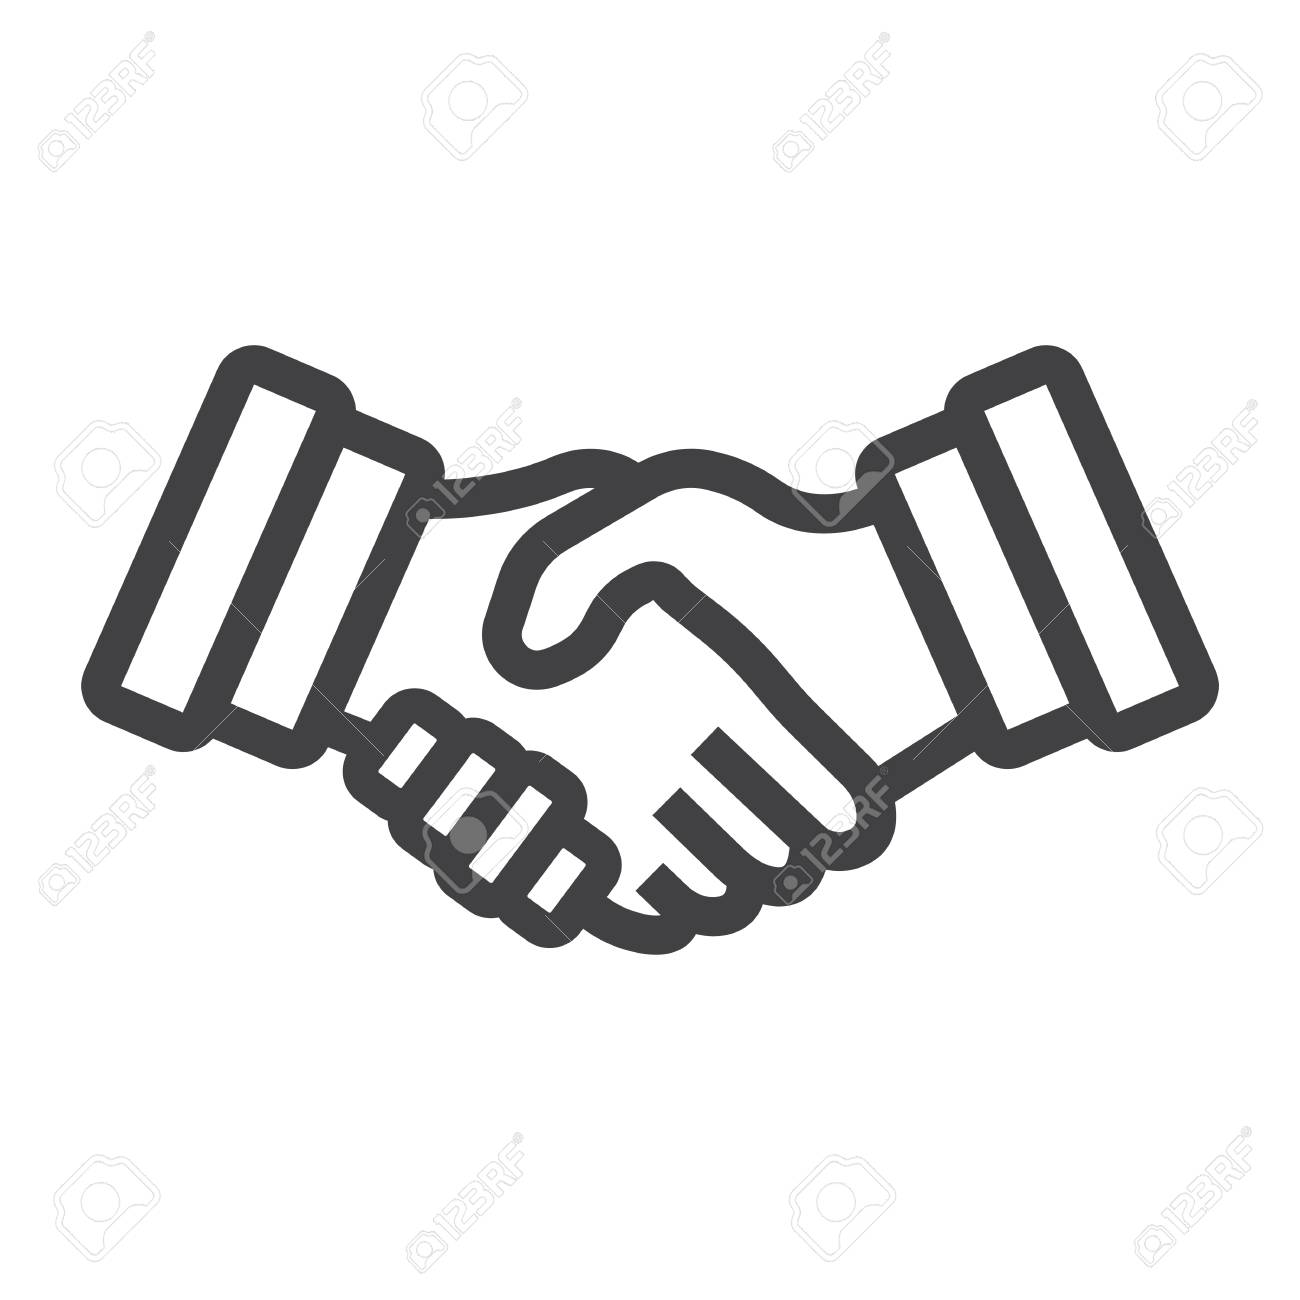 Geschäftshändedrucklinie Ikone Vertrag Und Vereinbarung